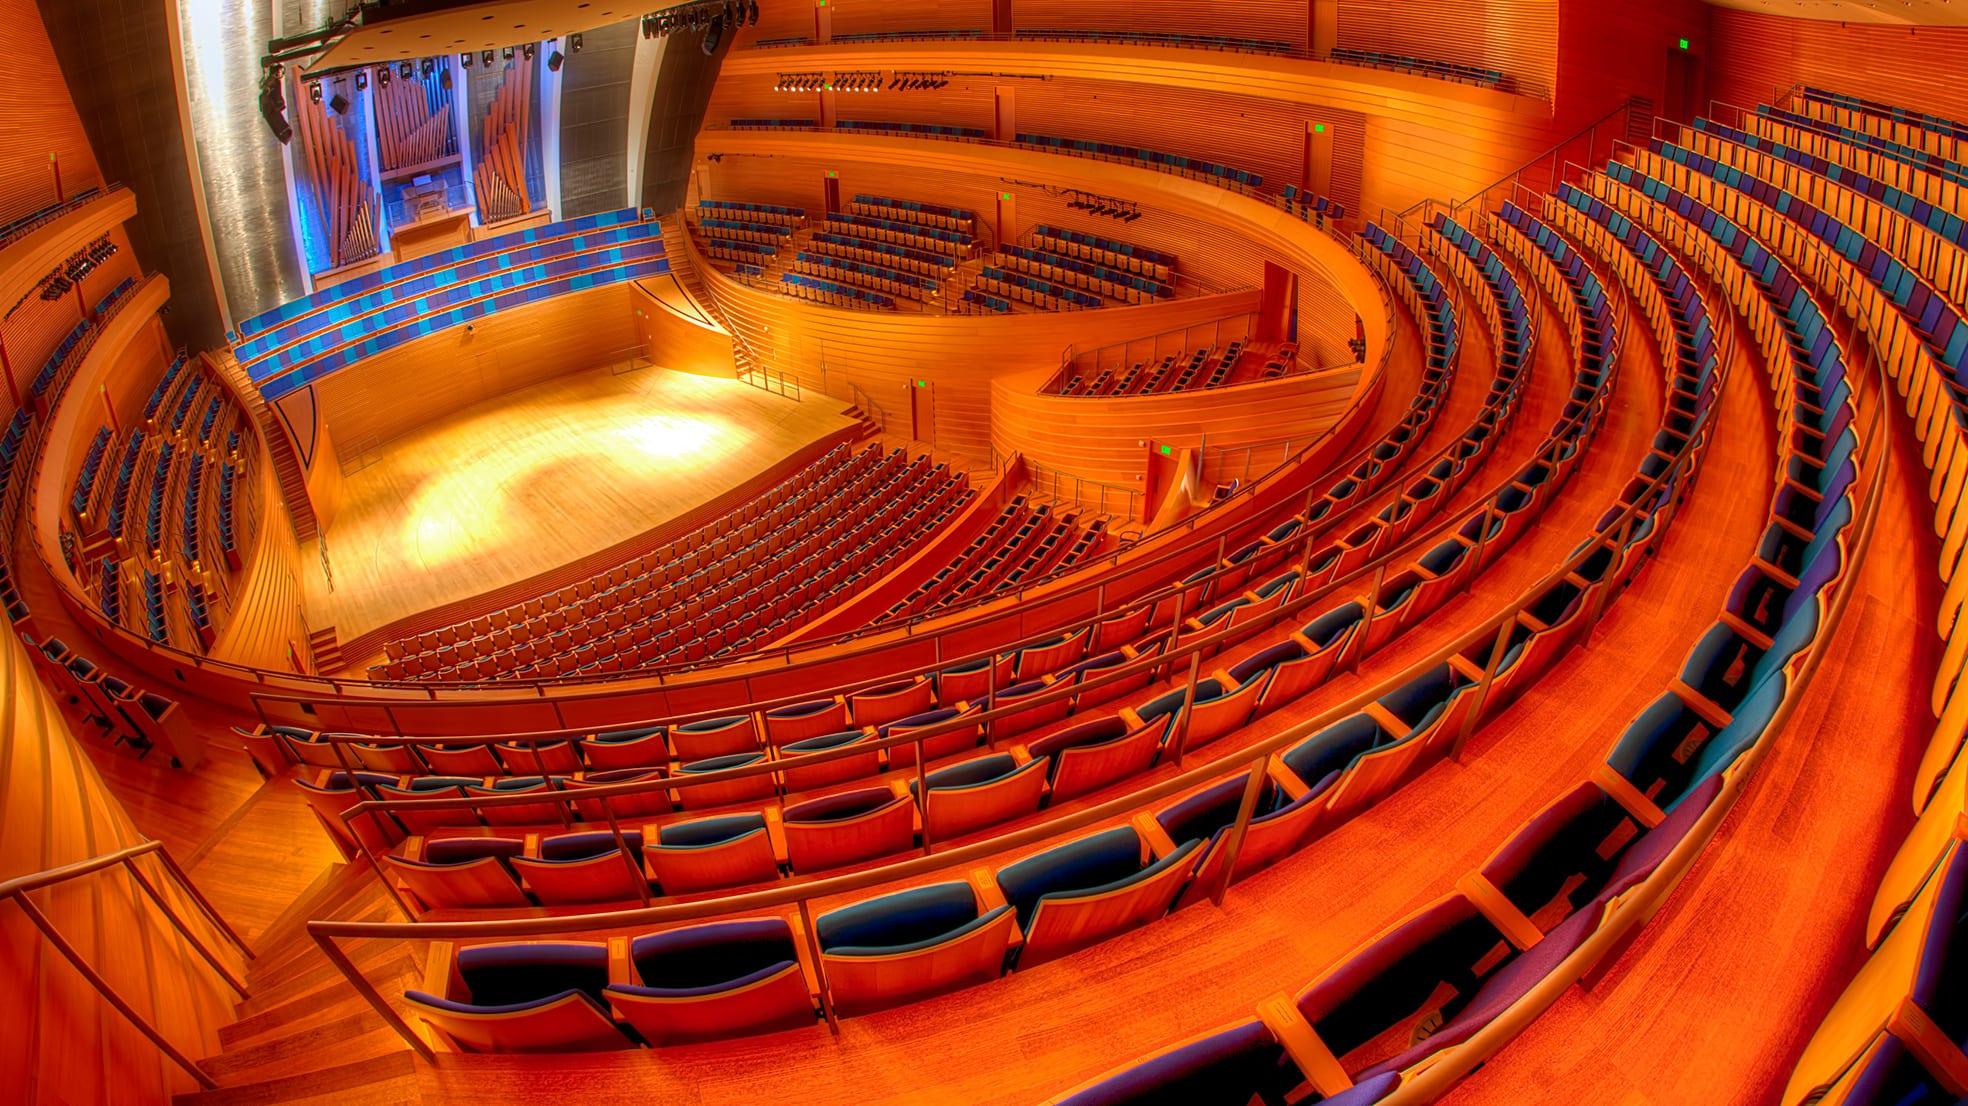 Kansas City Symphony Orchestra